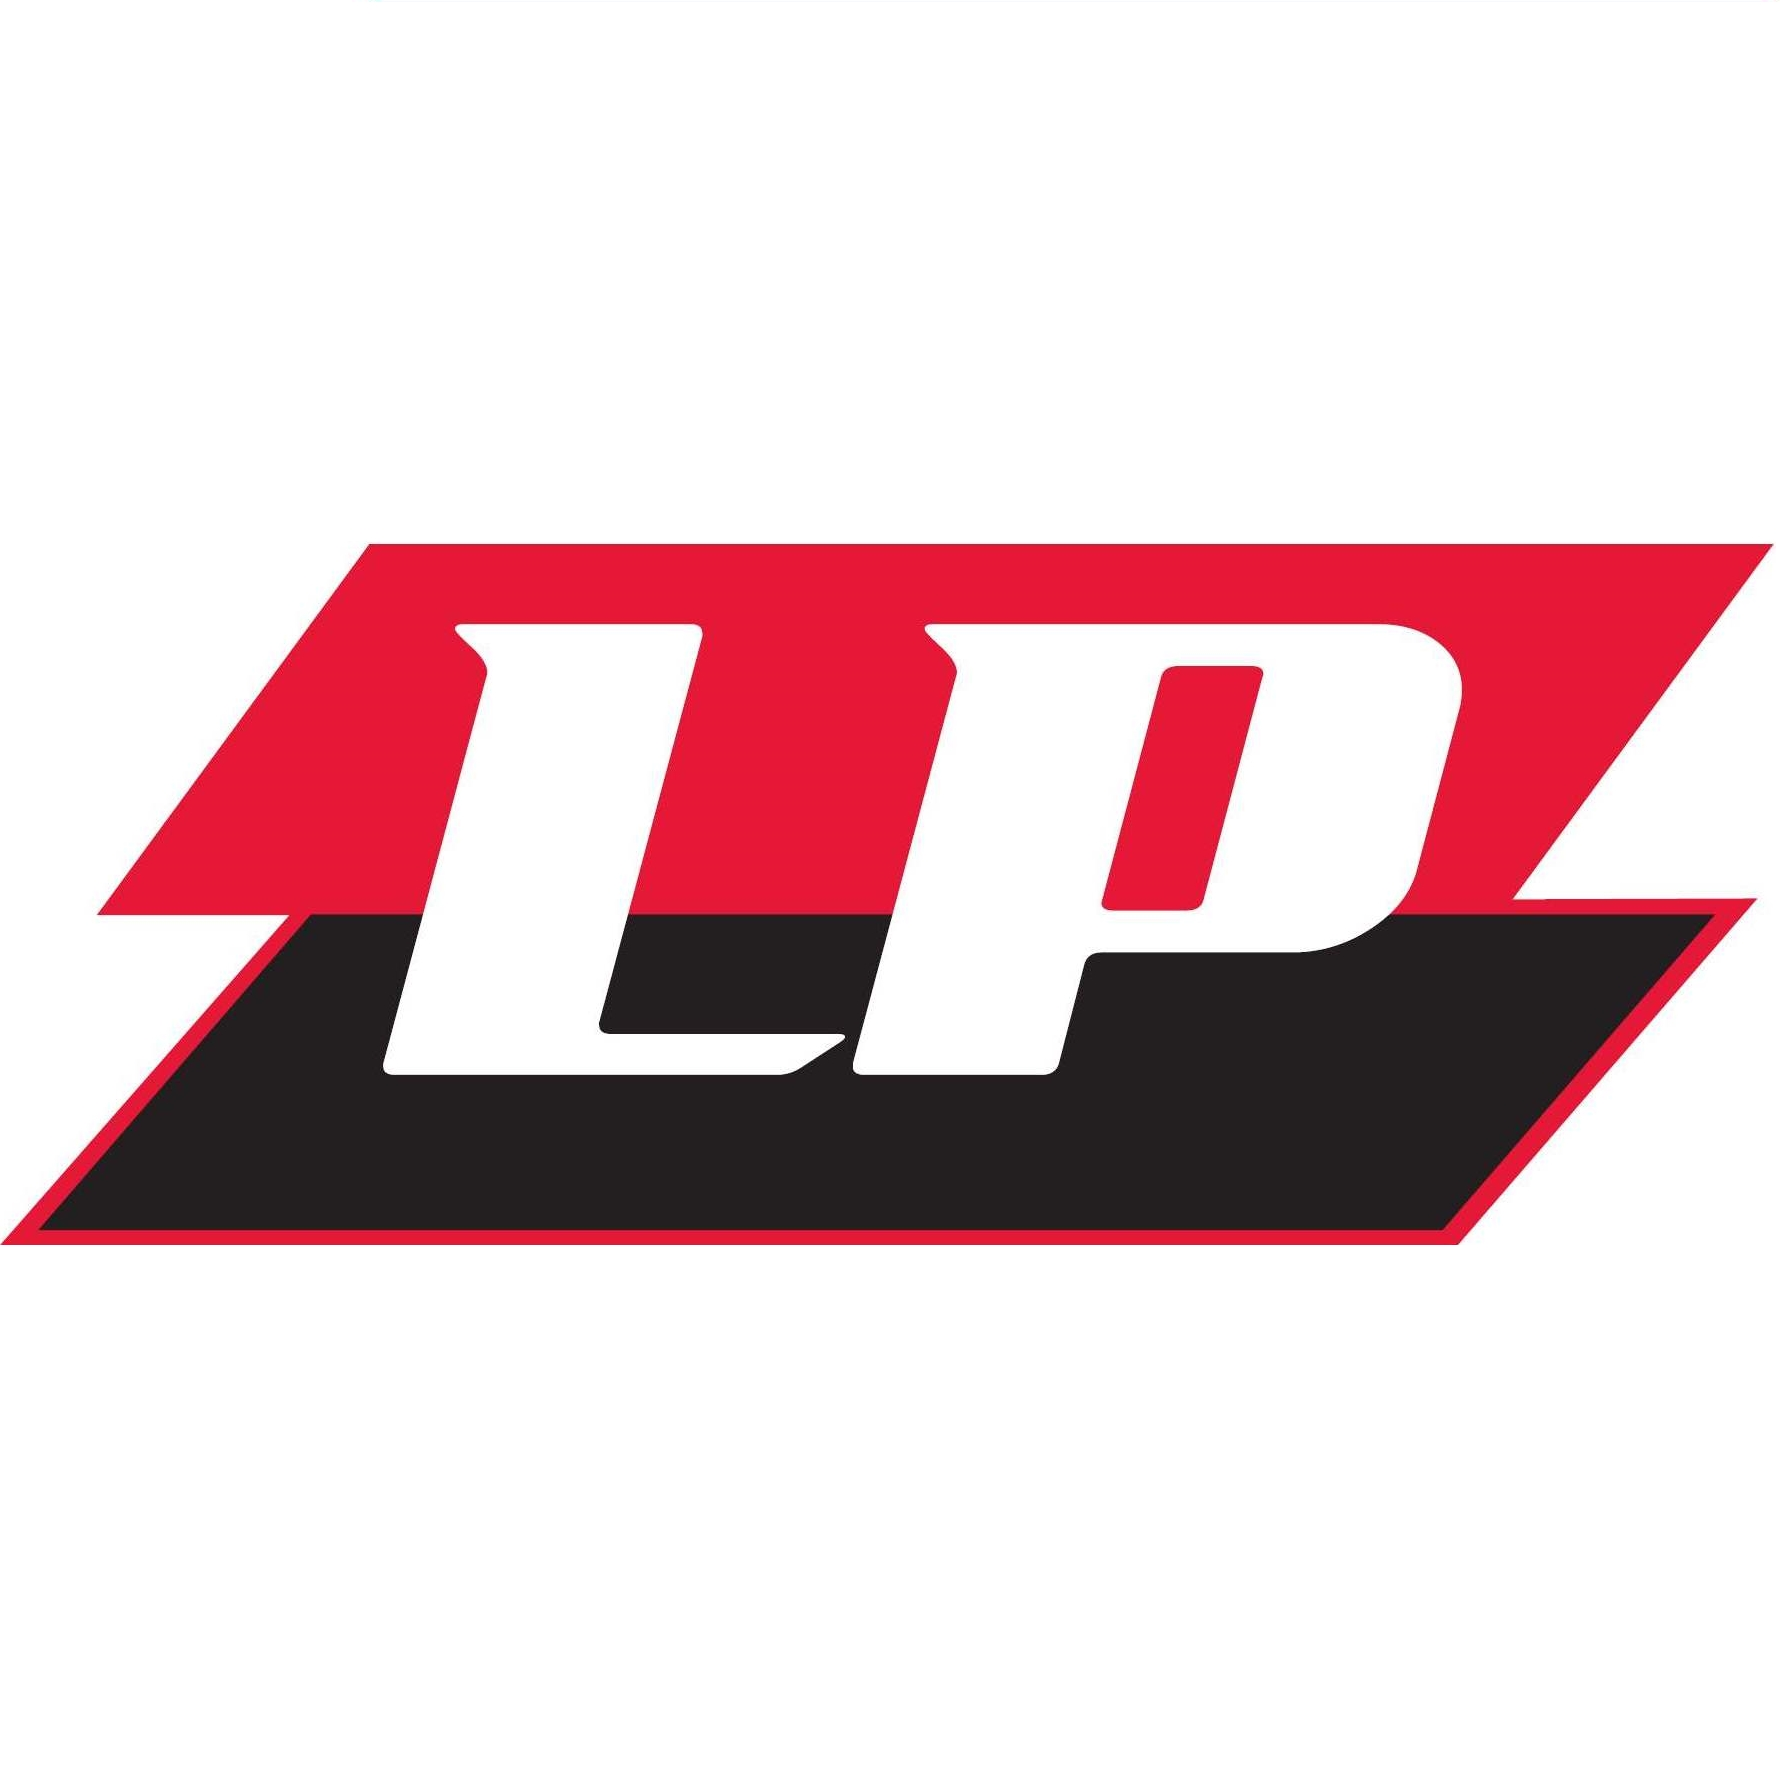 LP Foils - Foilboarding - Carbon Foils & Components